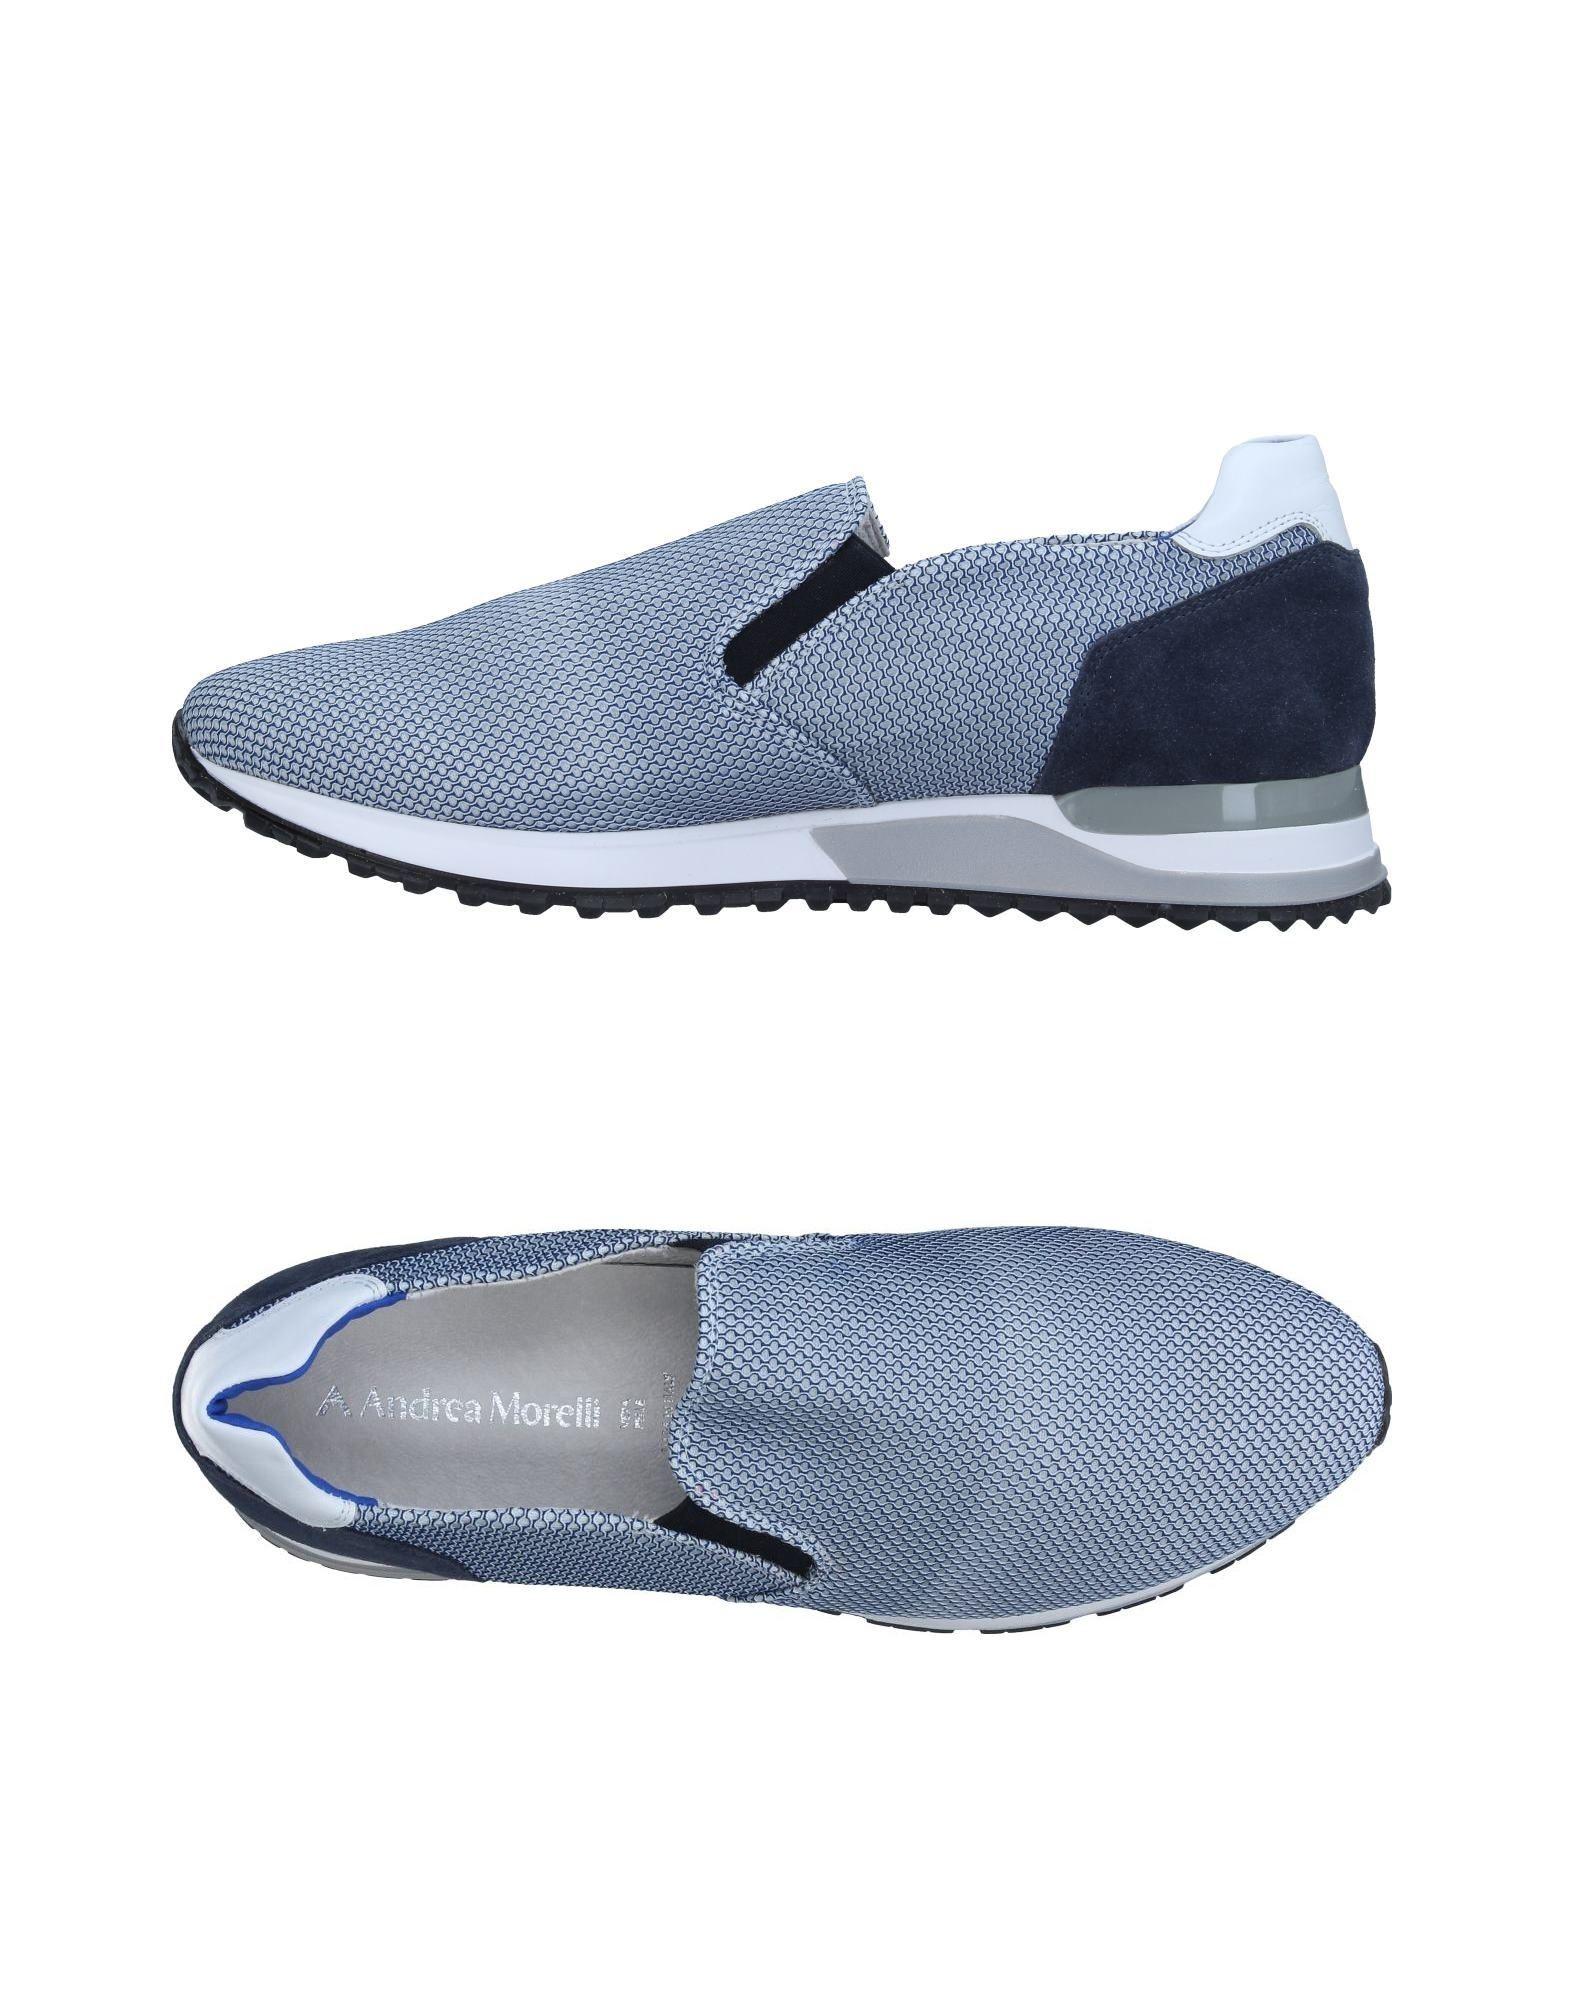 Sneakers Andrea Morelli Uomo - 11320756WC